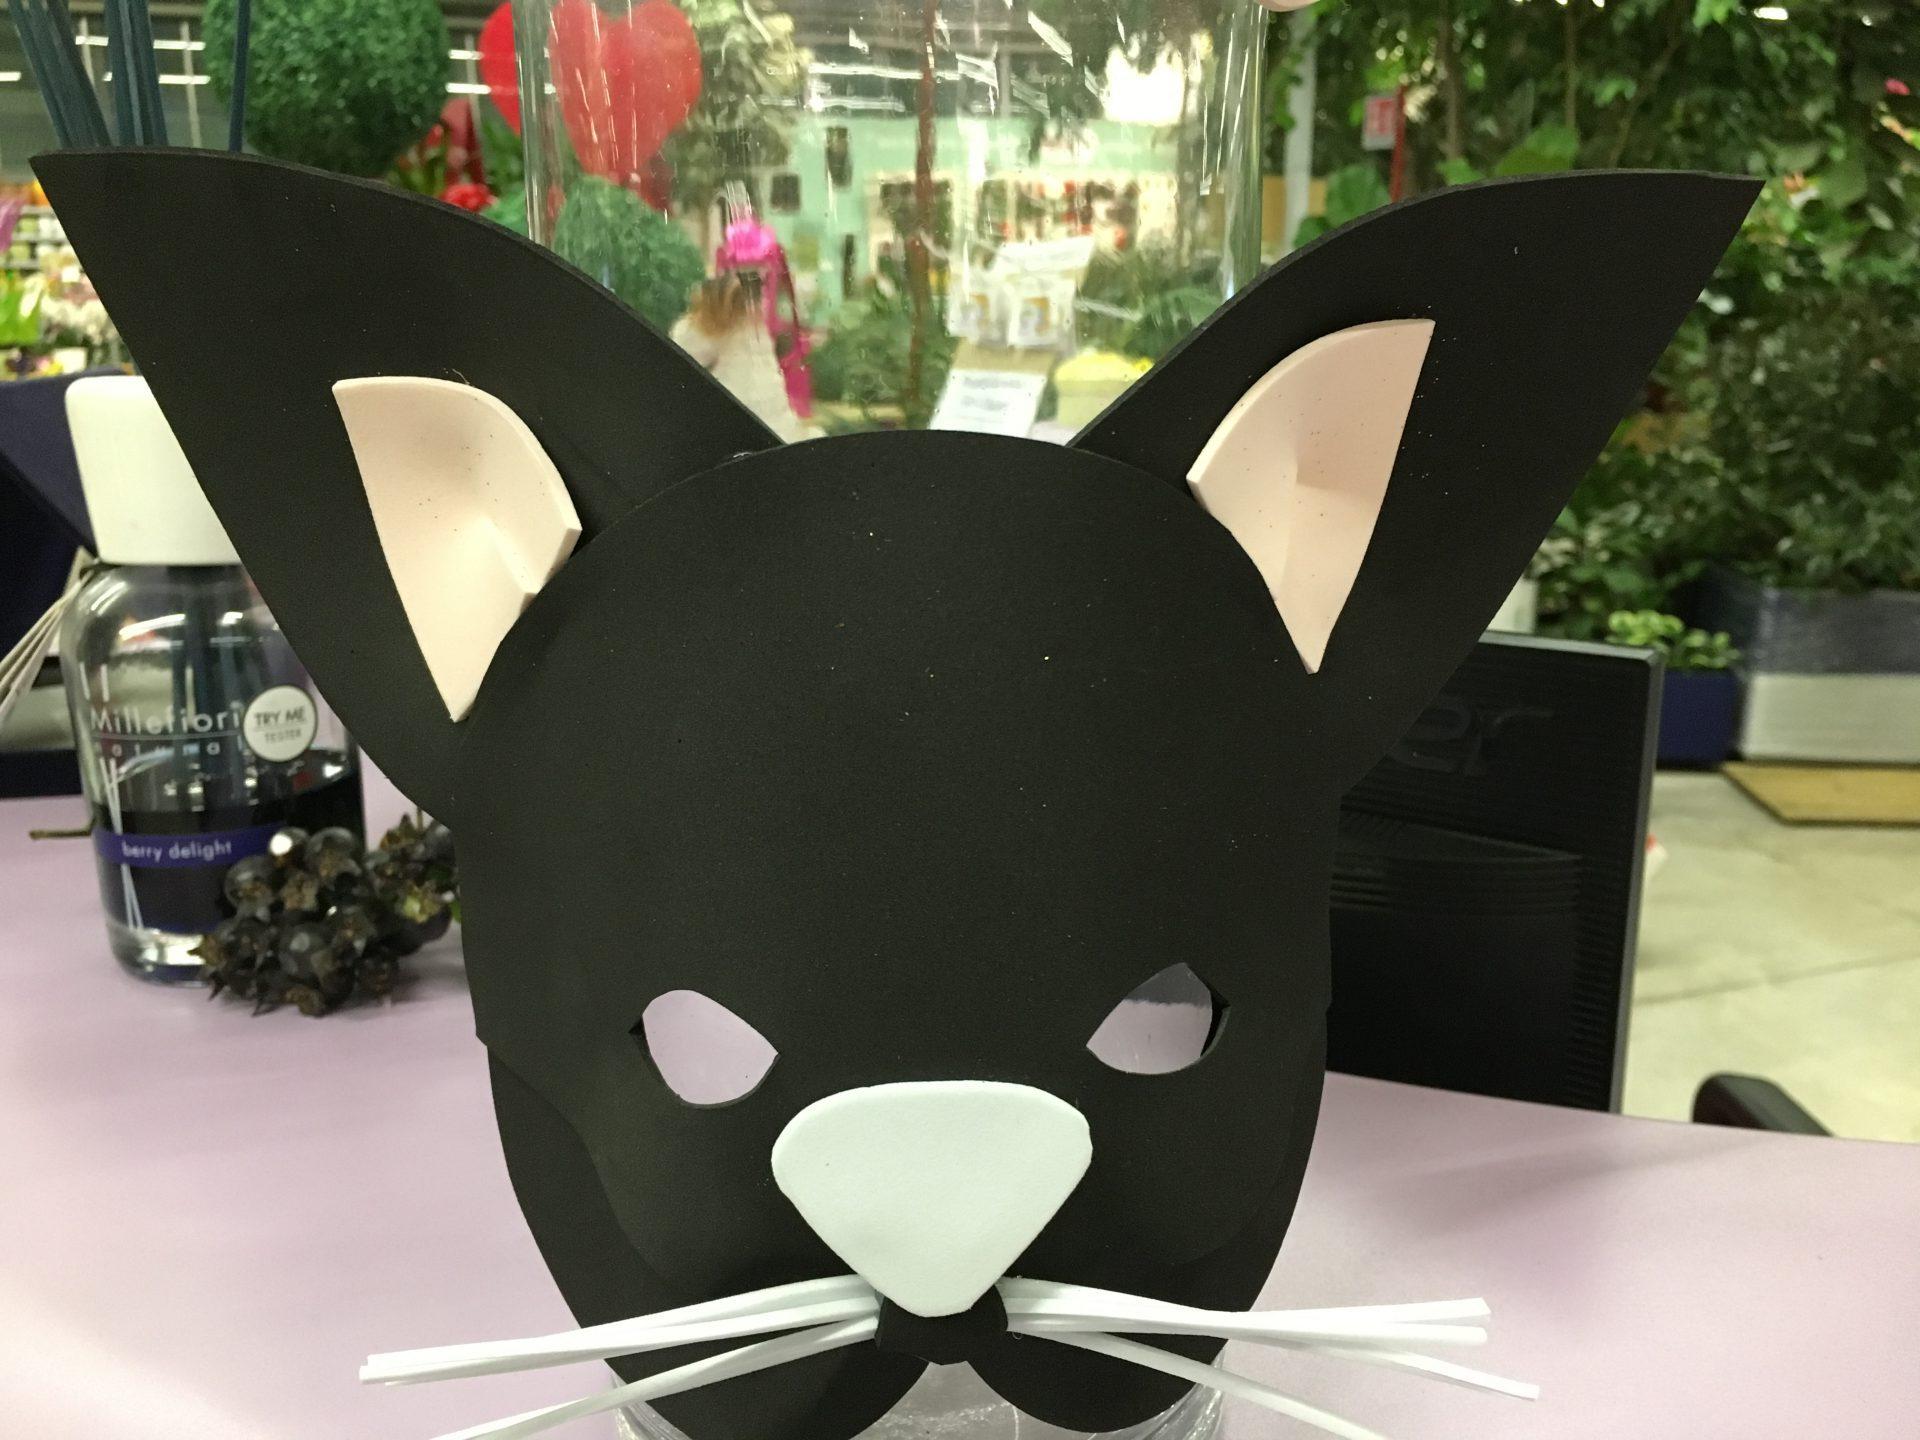 Creati vale crea la tua maschera di carnevale garden for Crea e progetta la tua casa